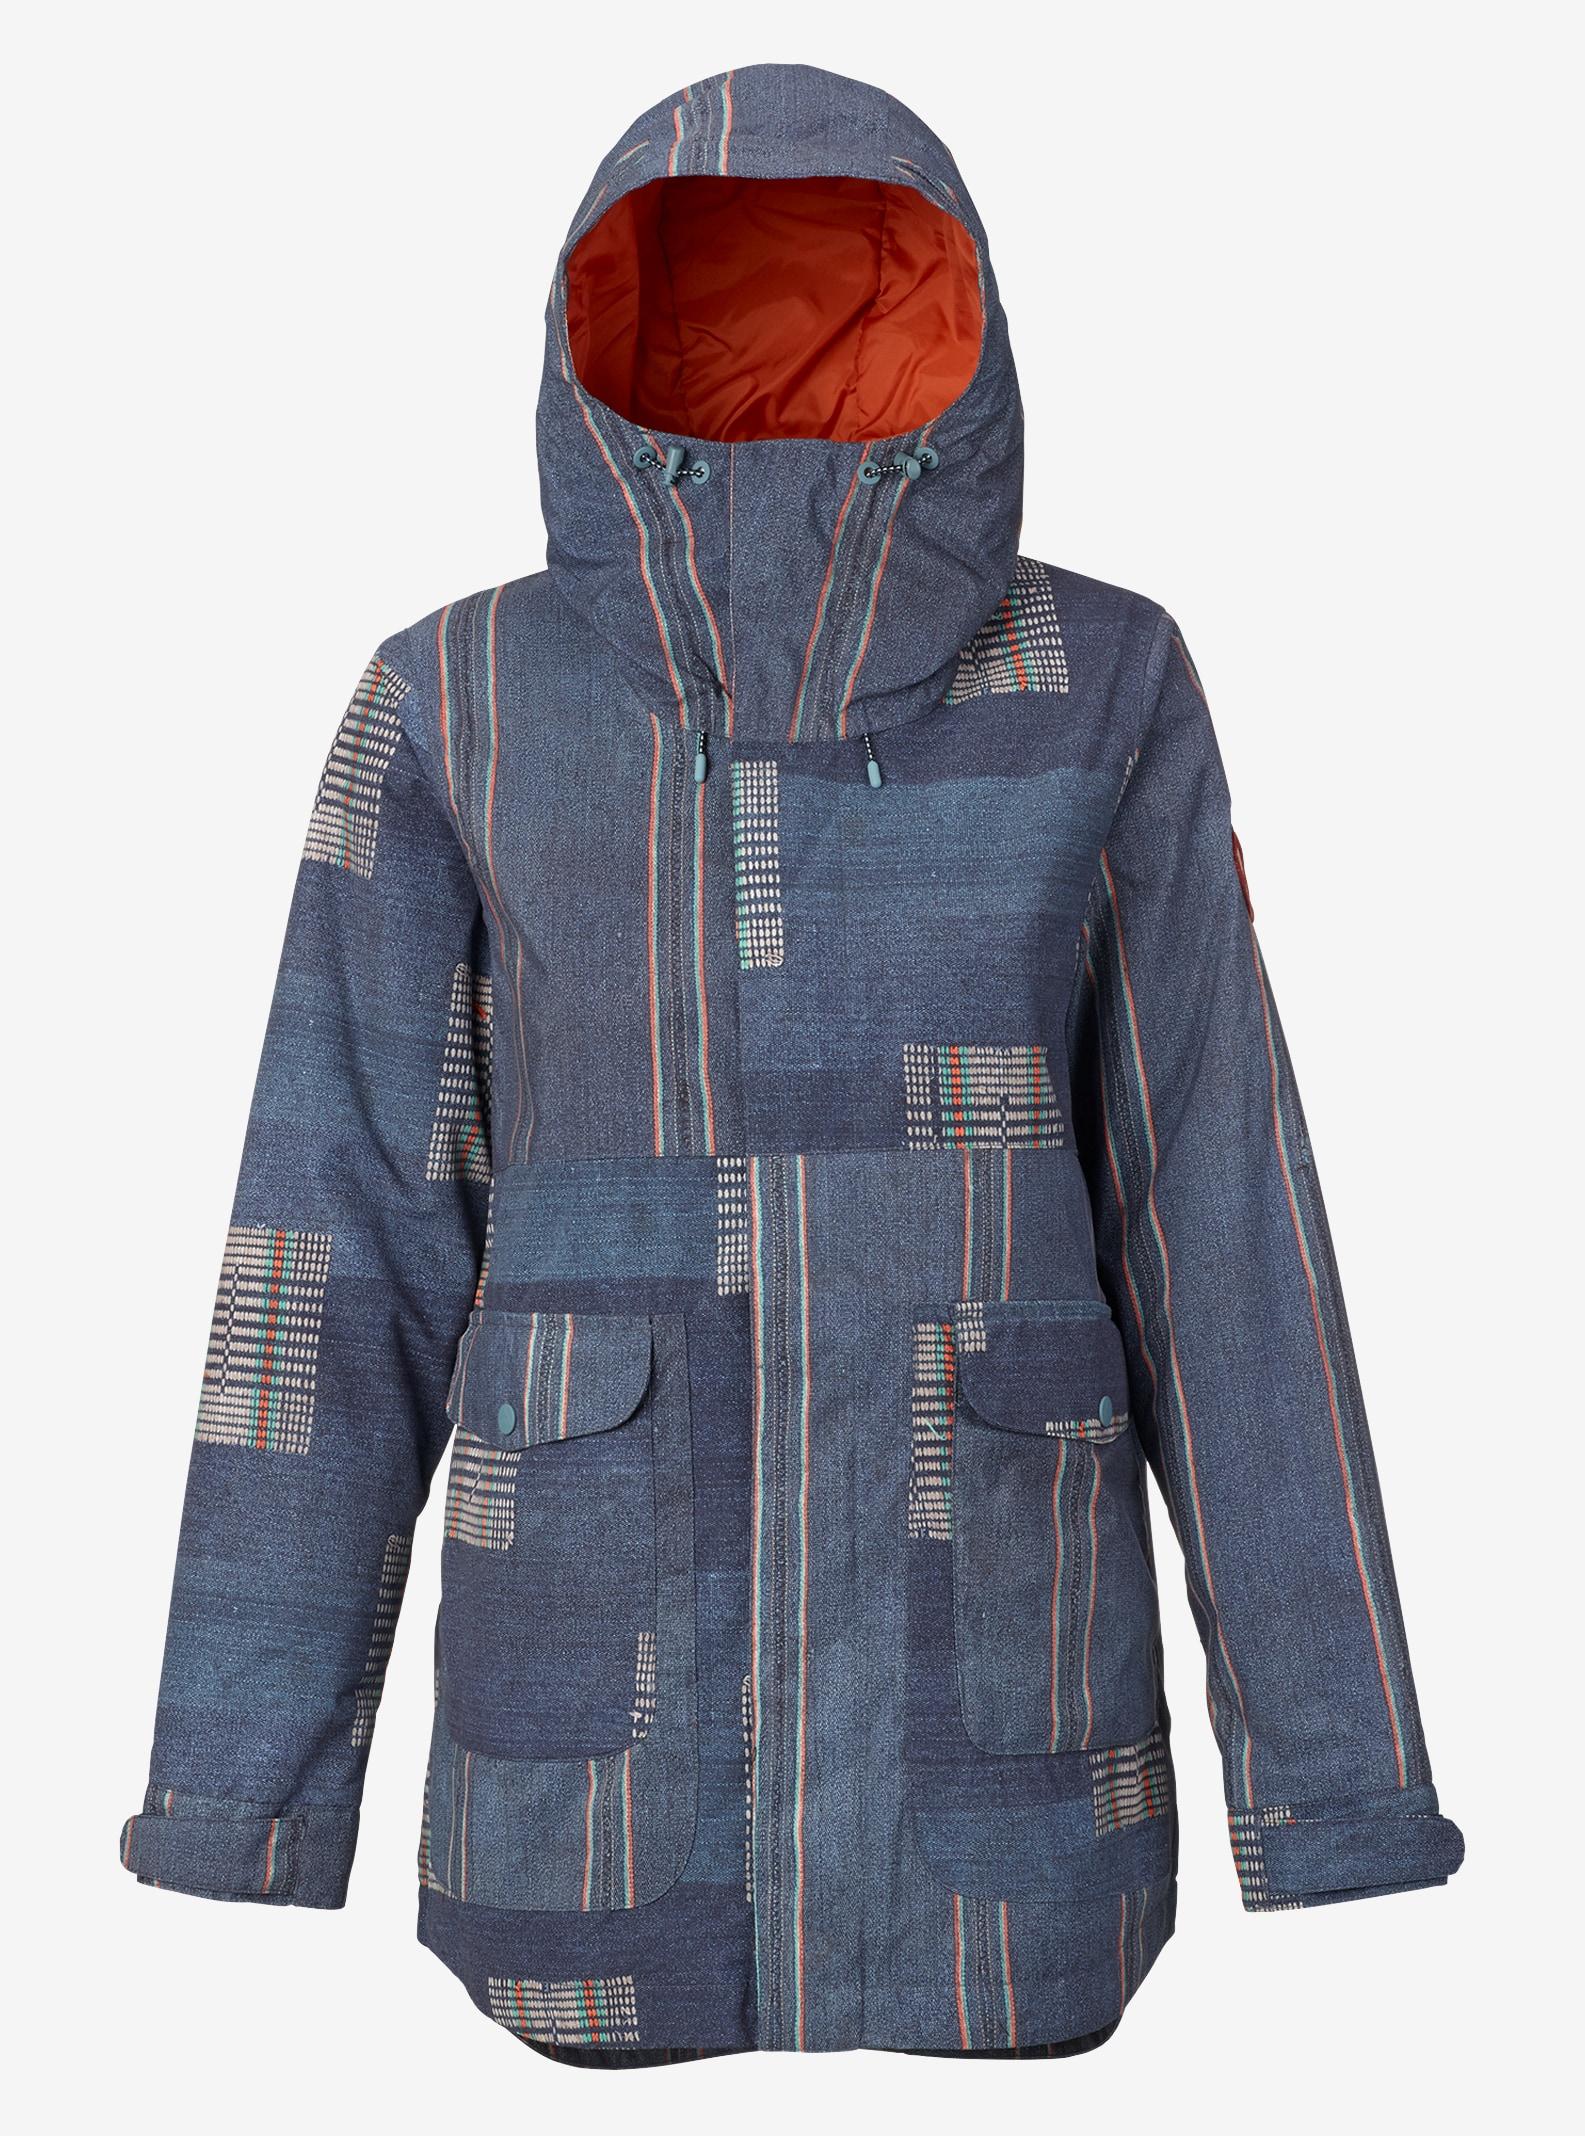 Women's Jackets & Outerwear | Burton Snowboards